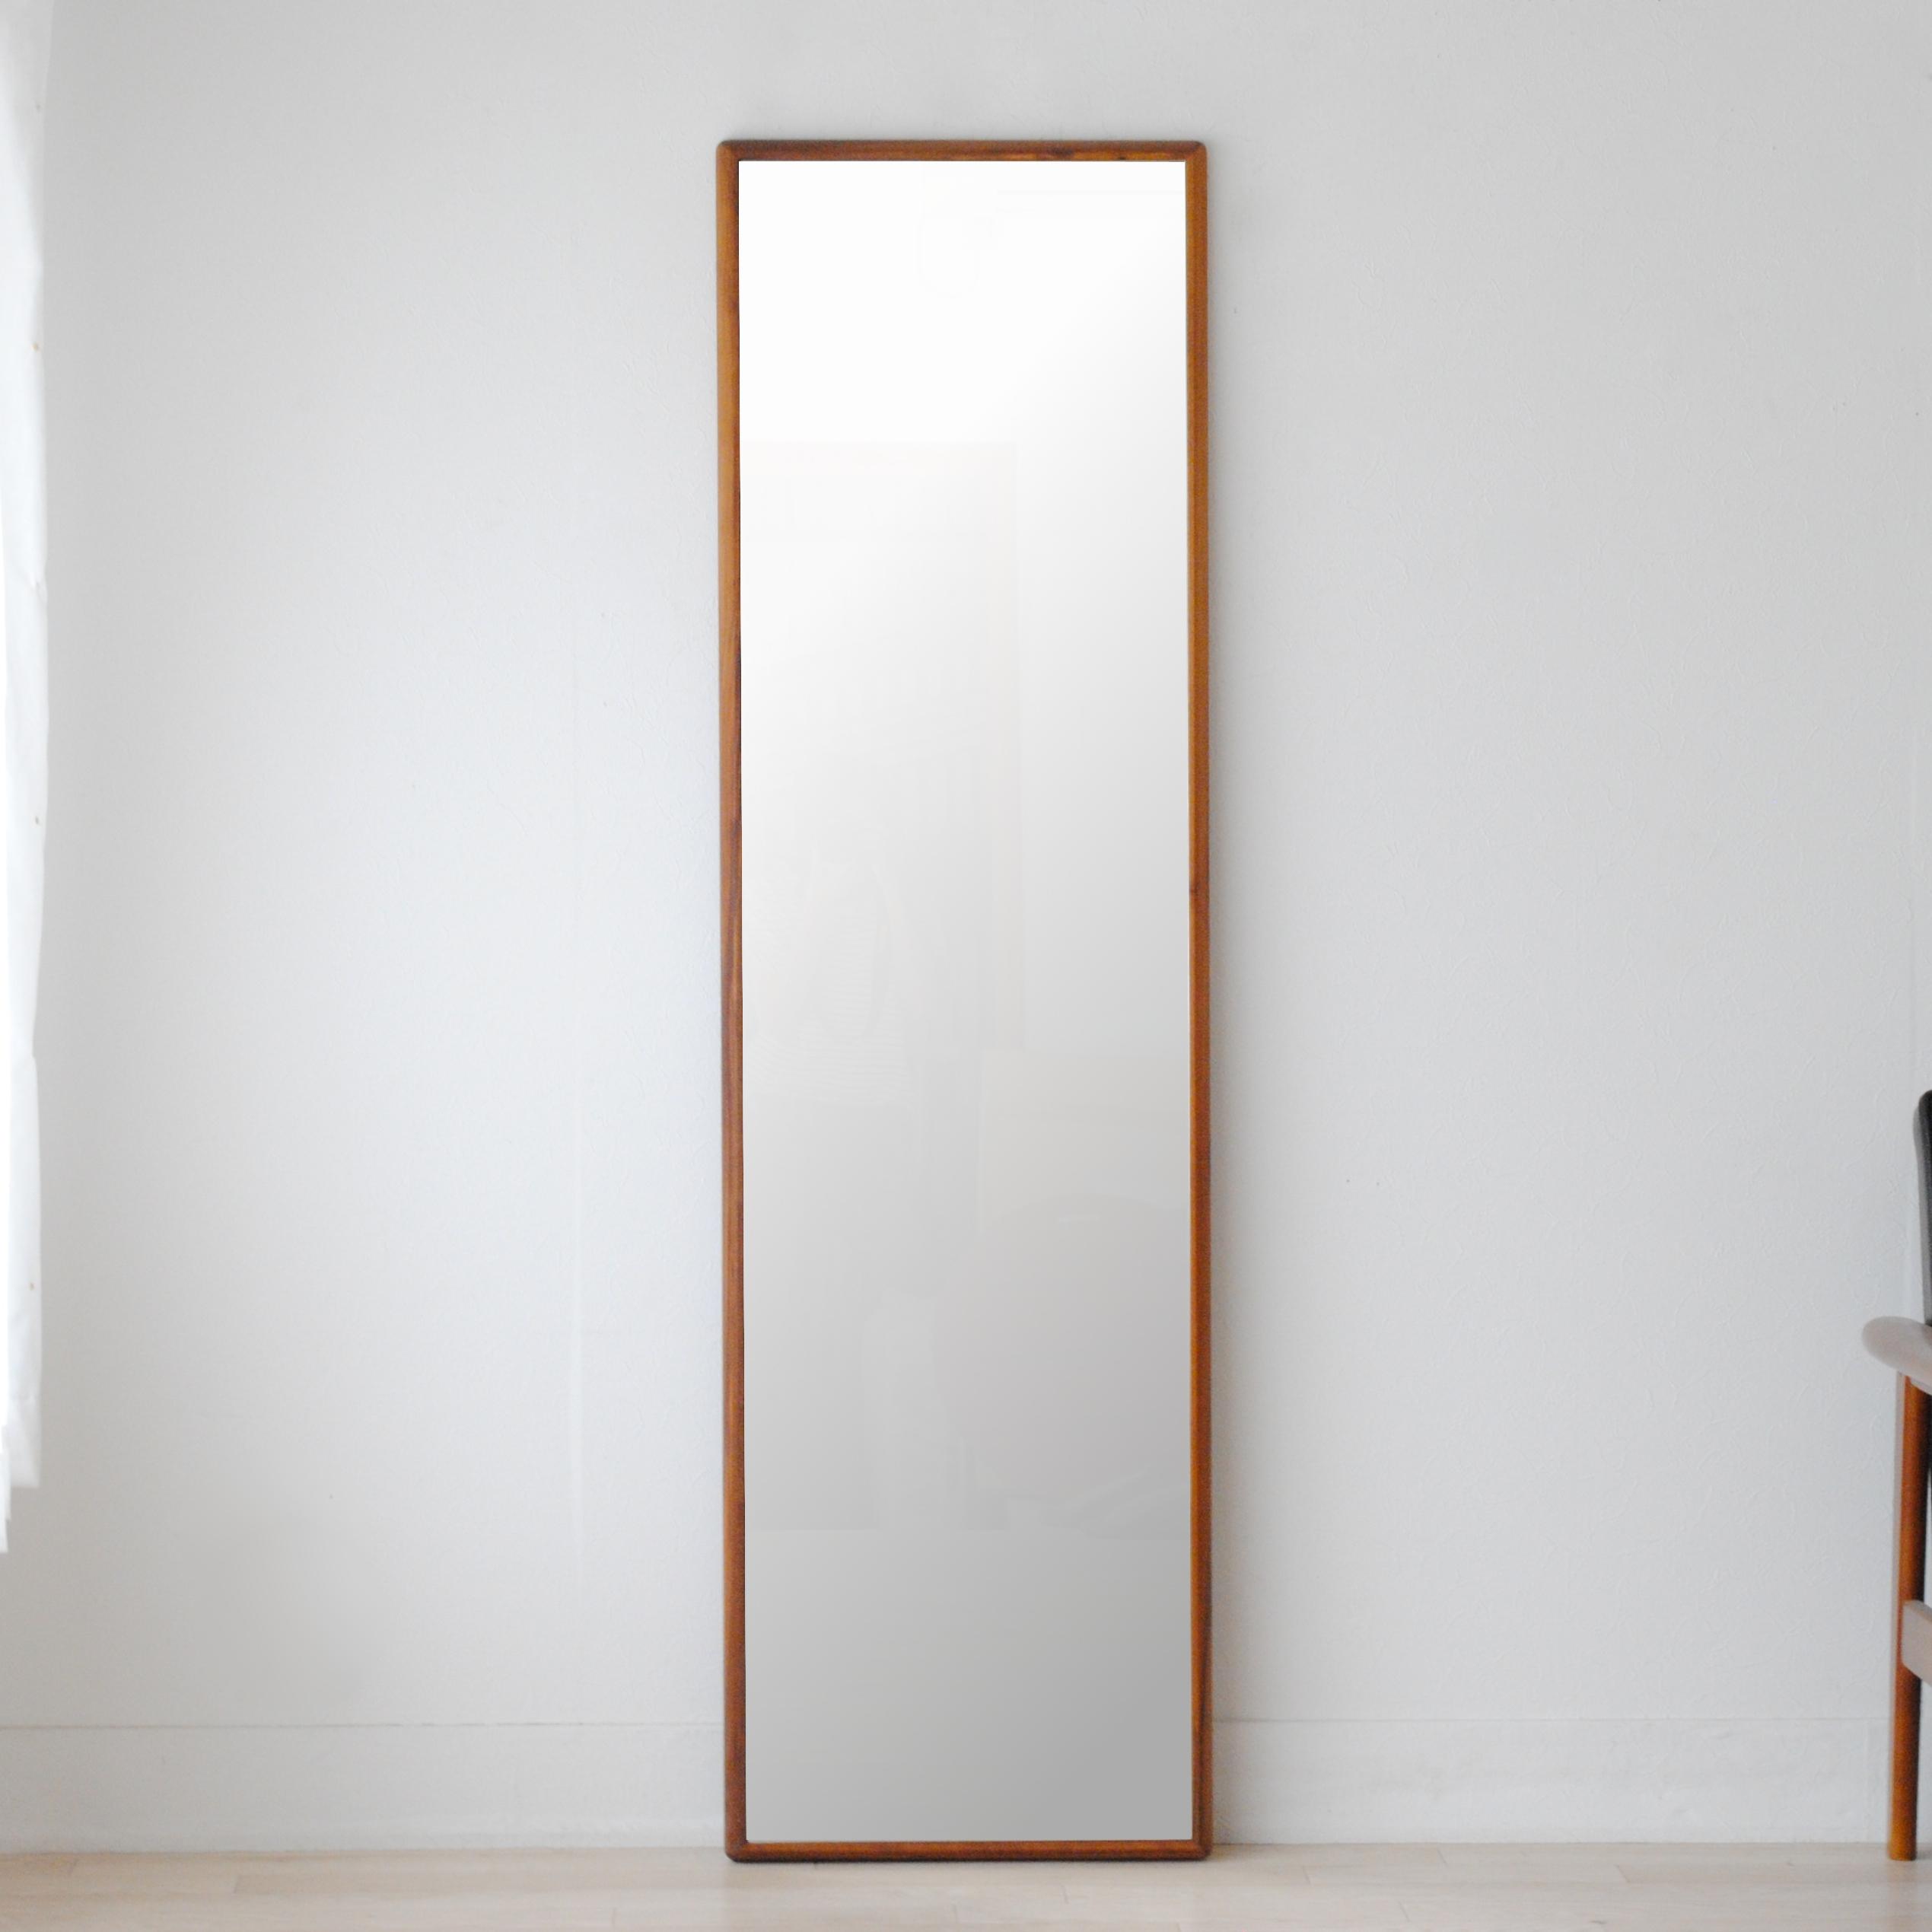 ステラ 44x155cm ホワイトアッシュ材 全4色 姿見 壁掛けミラー 全身鏡 (大型商品)